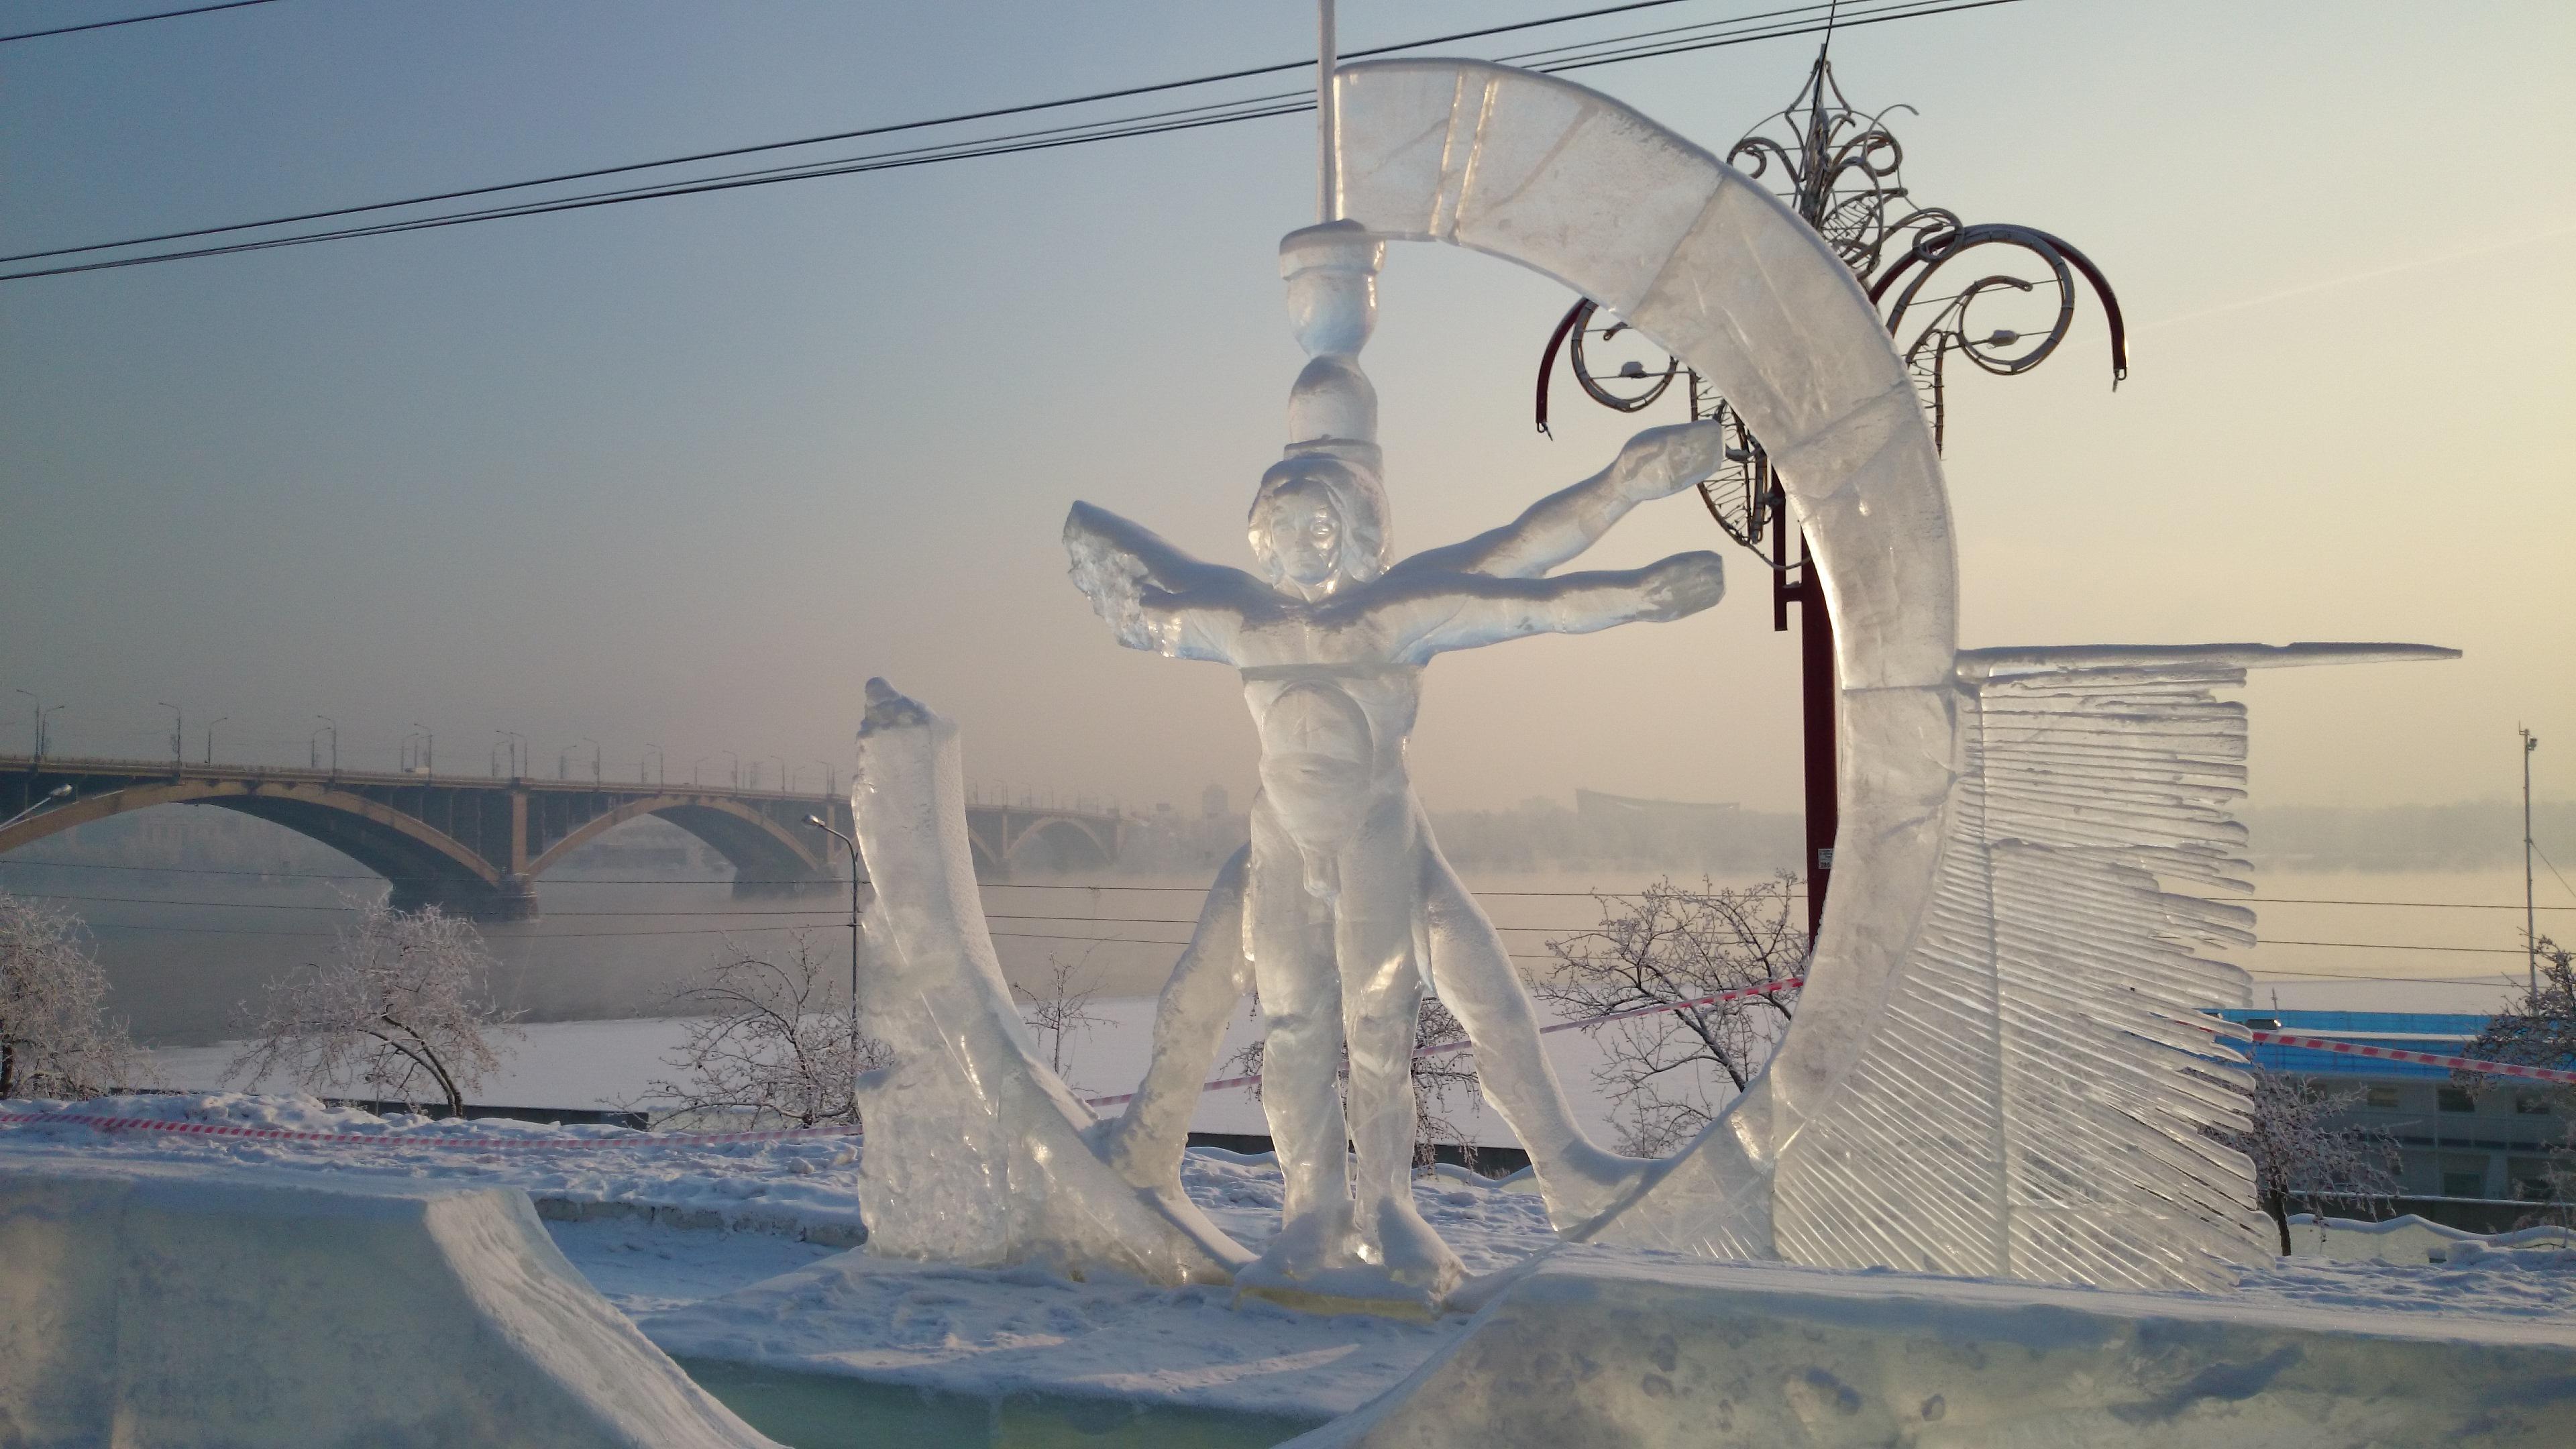 Красноярск Ледяные фигуры Triumph of humanity Триумф человечества.29.01.2016г